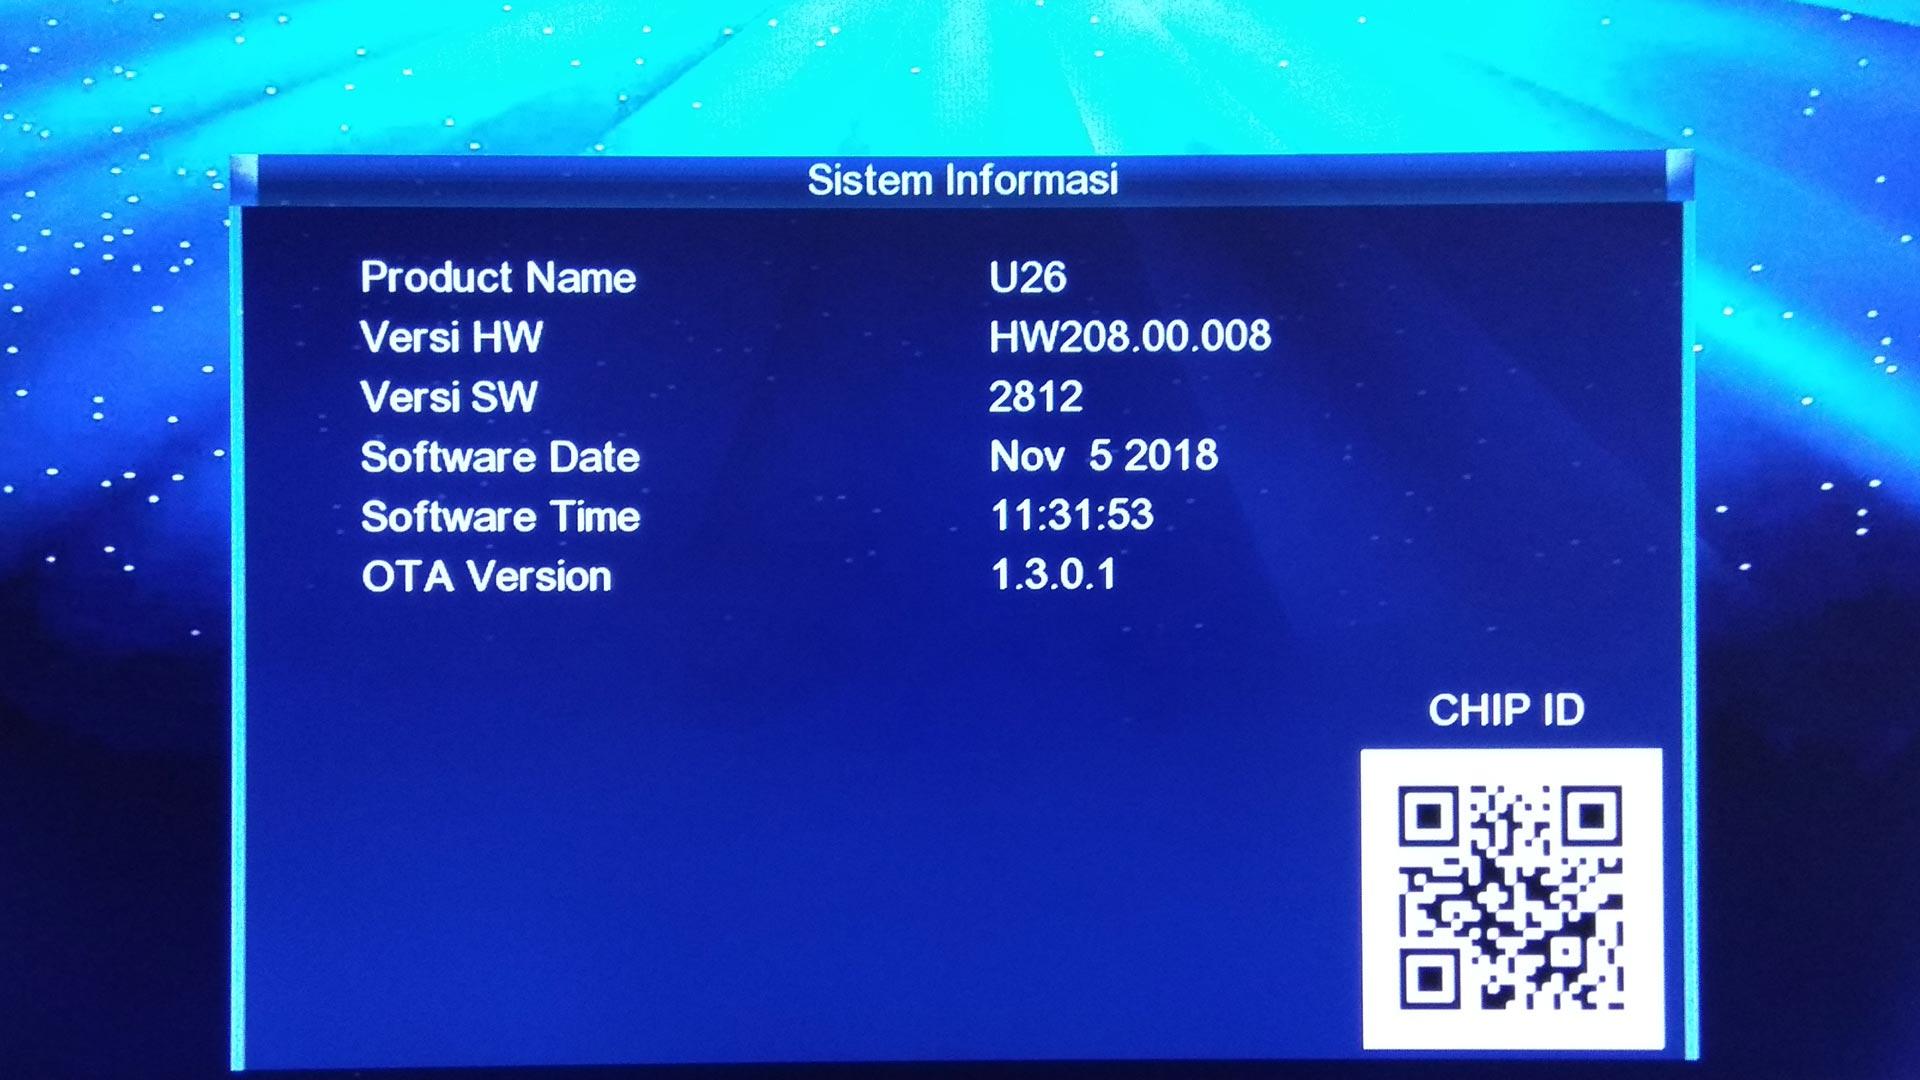 Firmware Matrix Garuda Hijau Ku Band SW Receiver Terbaru